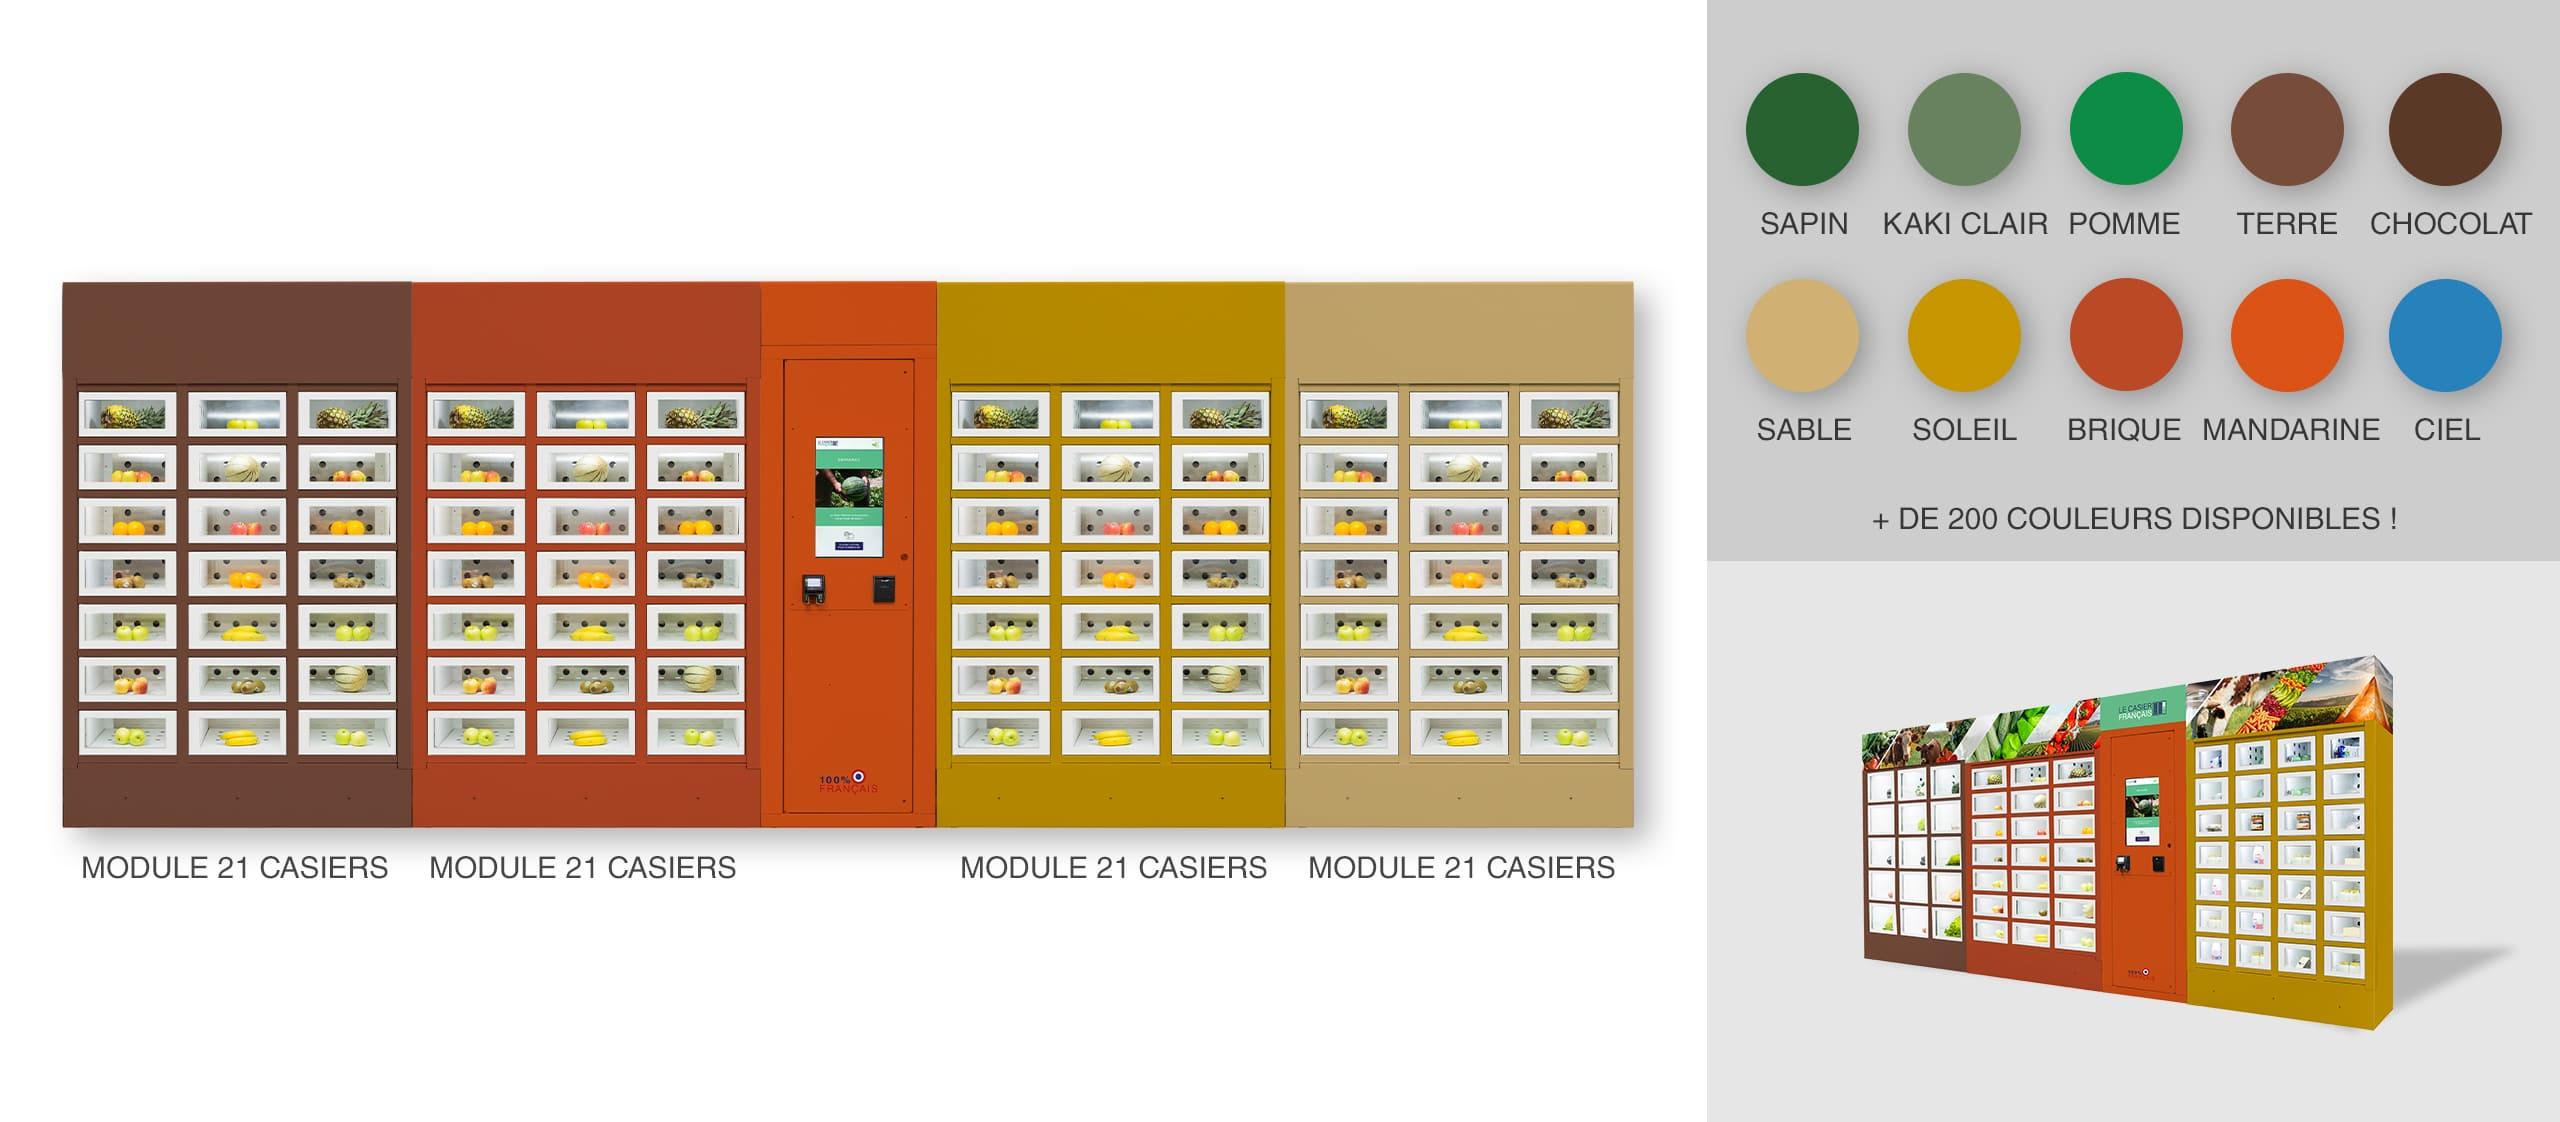 Vestir diferentes colores por módulo de una máquina expendedora Le Casier Français